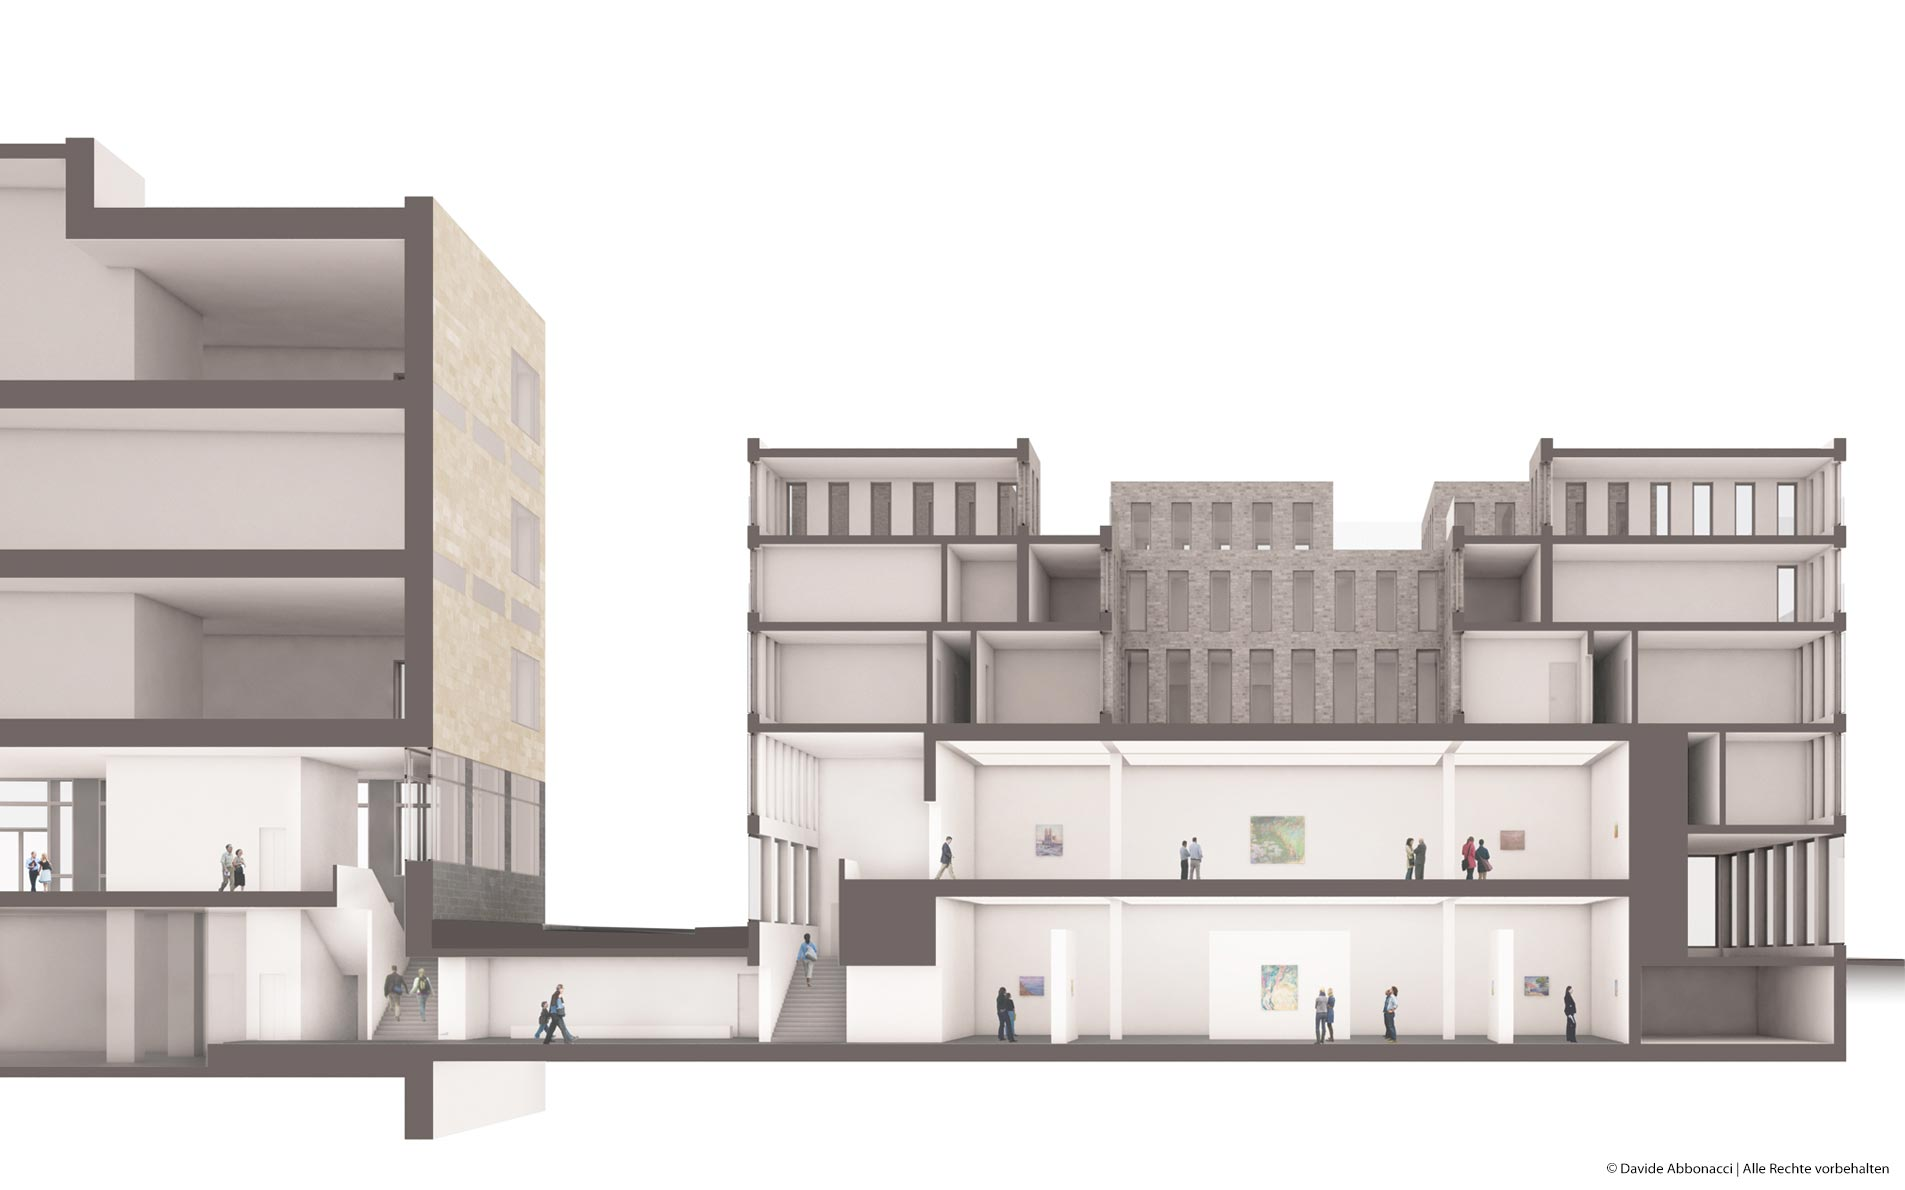 Erweiterungsbau Wallraf-Richartz-Museum, Köln   Georg Scheel Wetzel Architekten   2013 Wettbewerbsvisualisierung   Ankauf